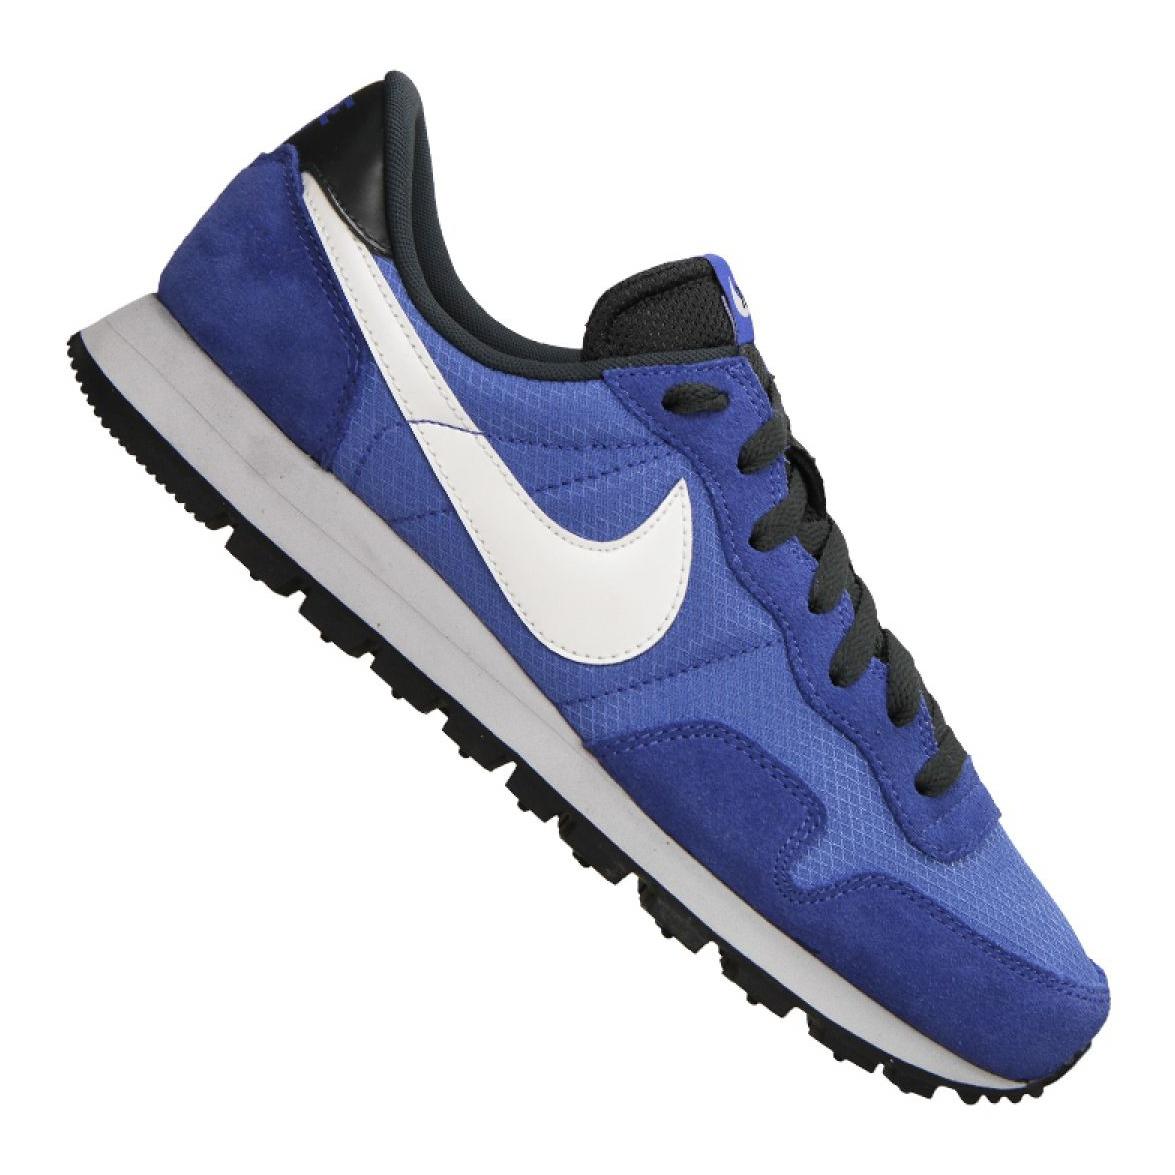 2nike air pegasus 83 azul